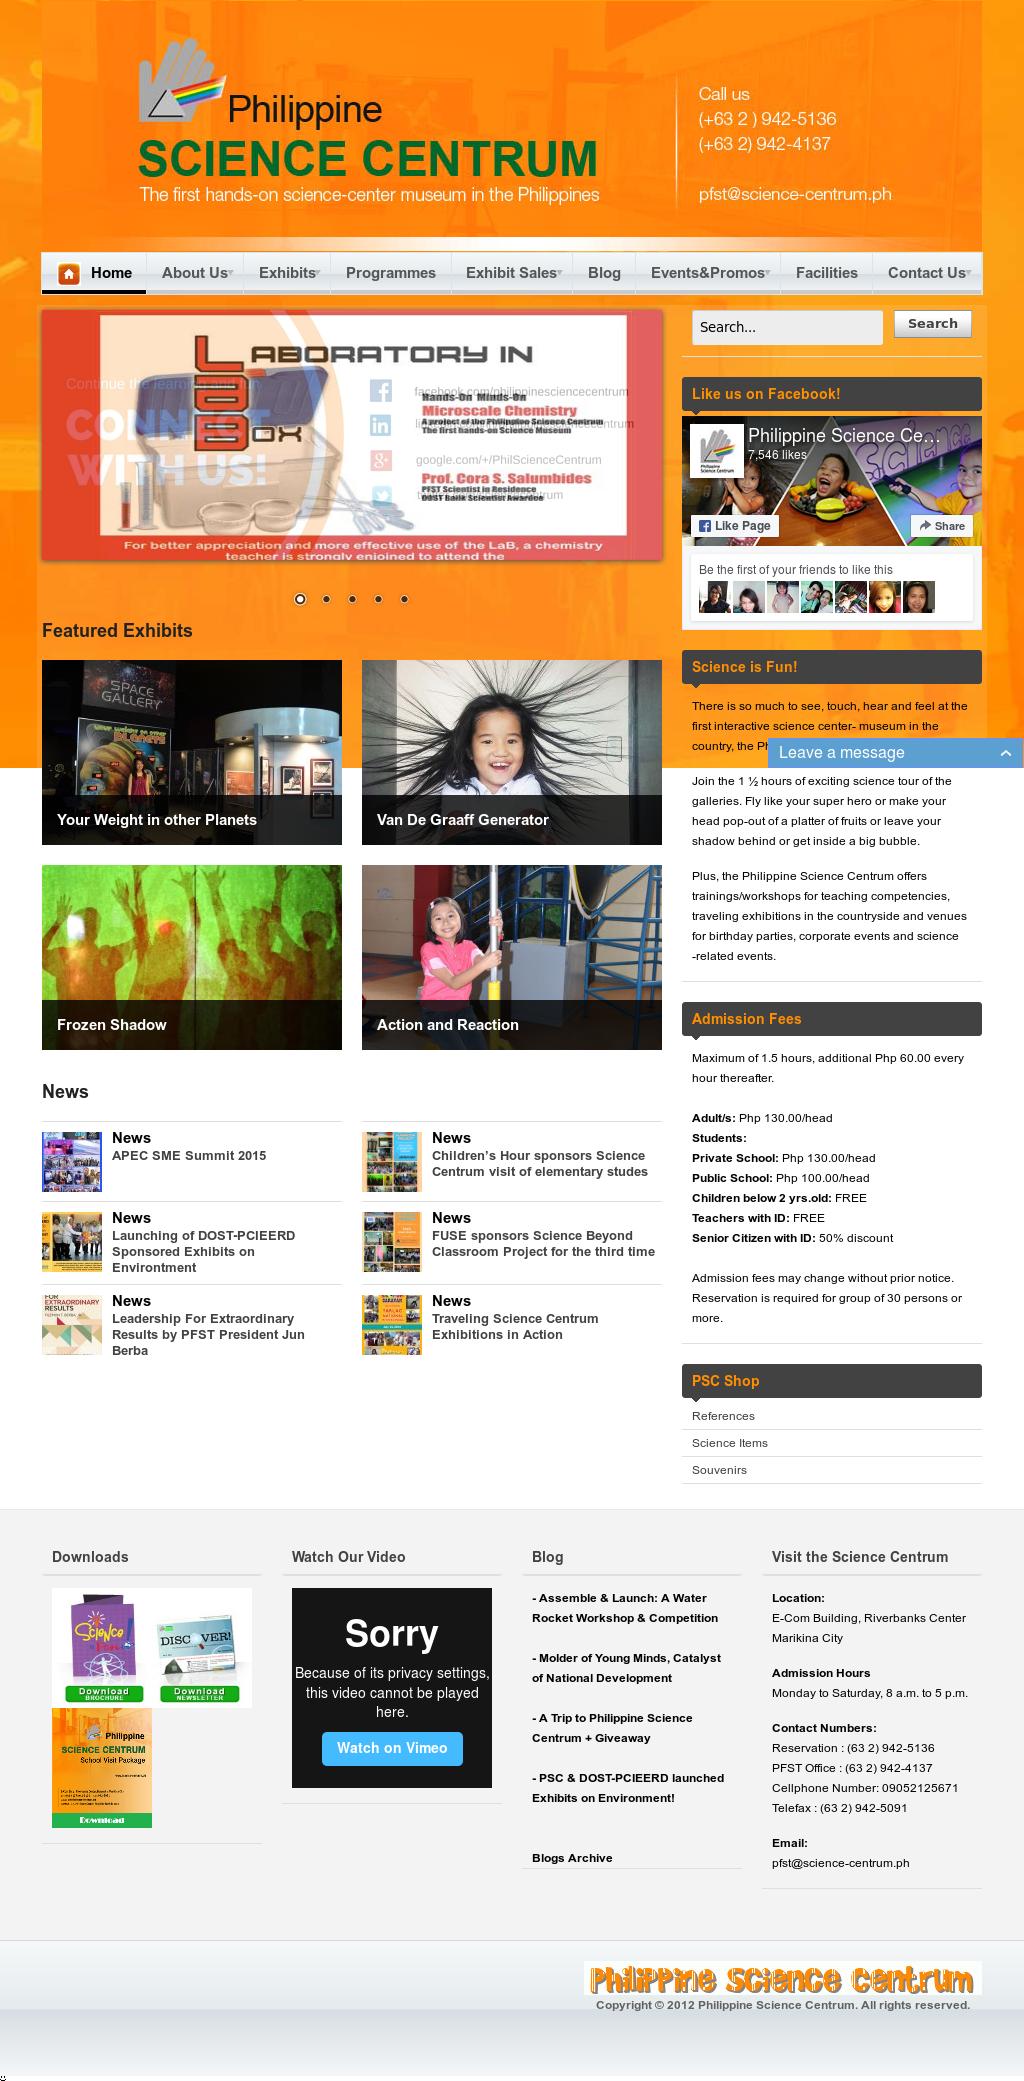 Philippine Science Centrum Competitors, Revenue and